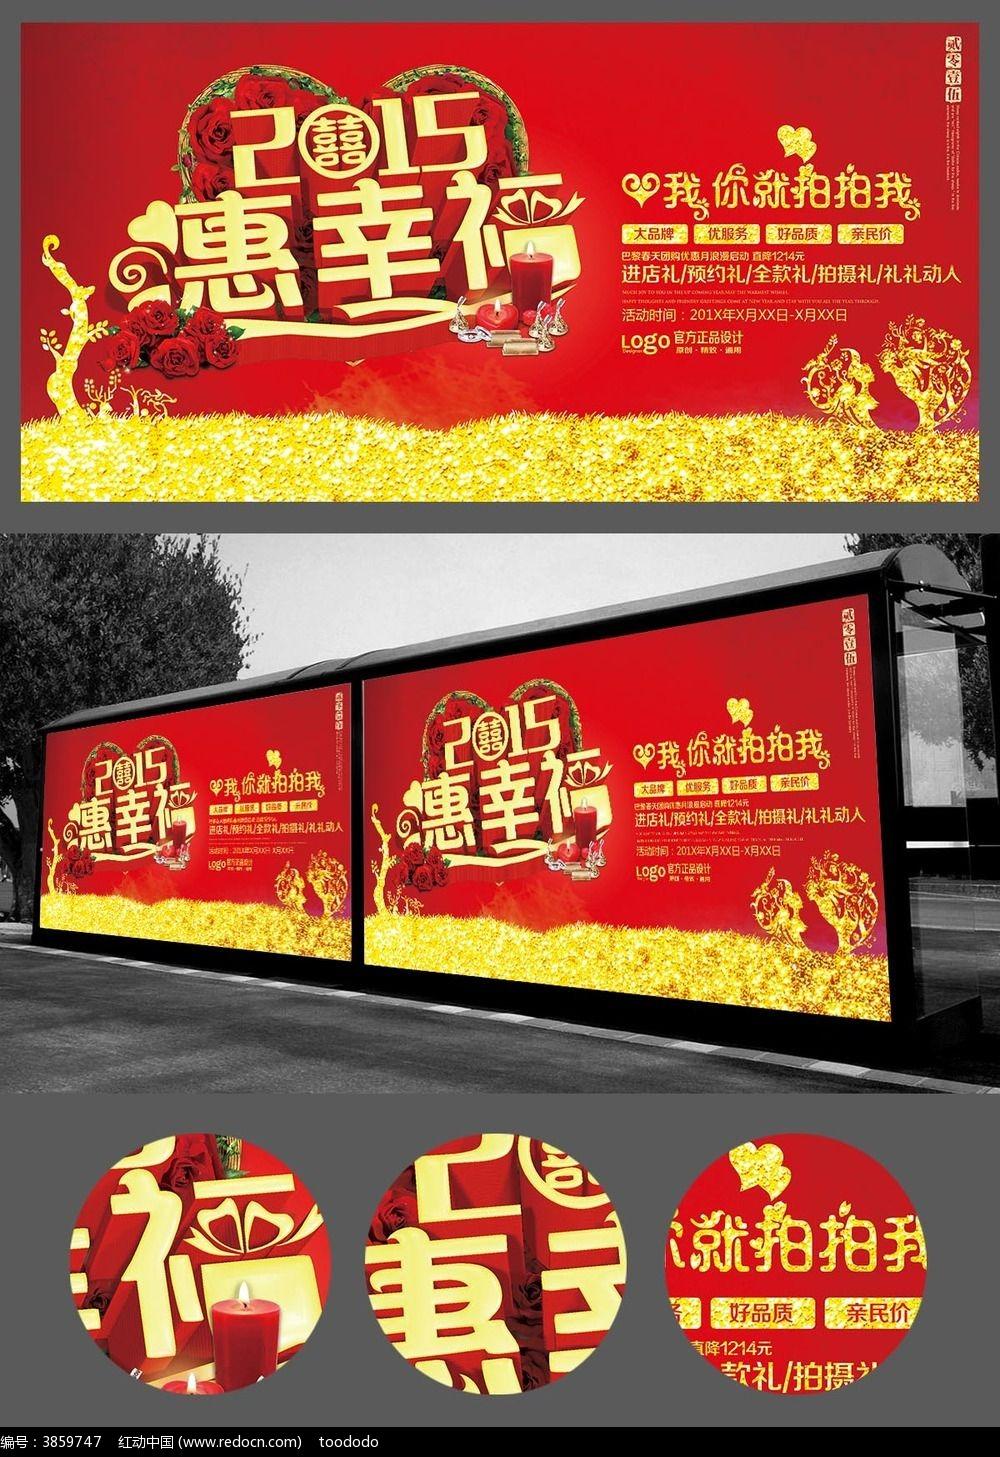 2015惠幸福婚庆展板海报图片